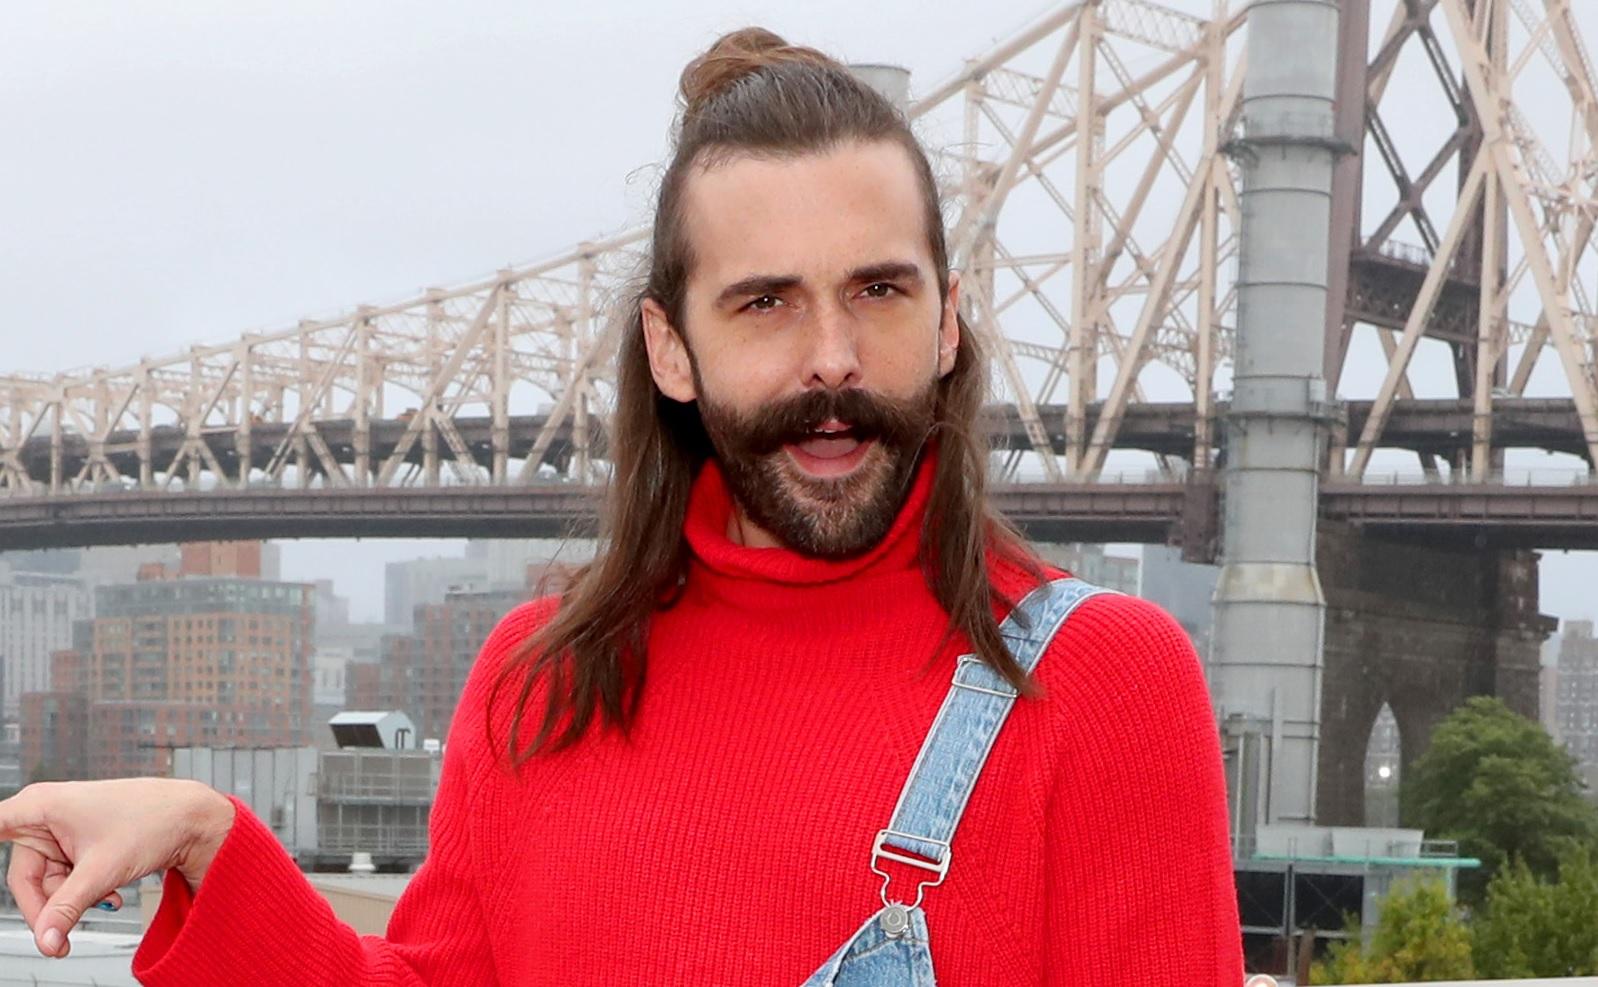 queer eye jonathan van ness bob haircut